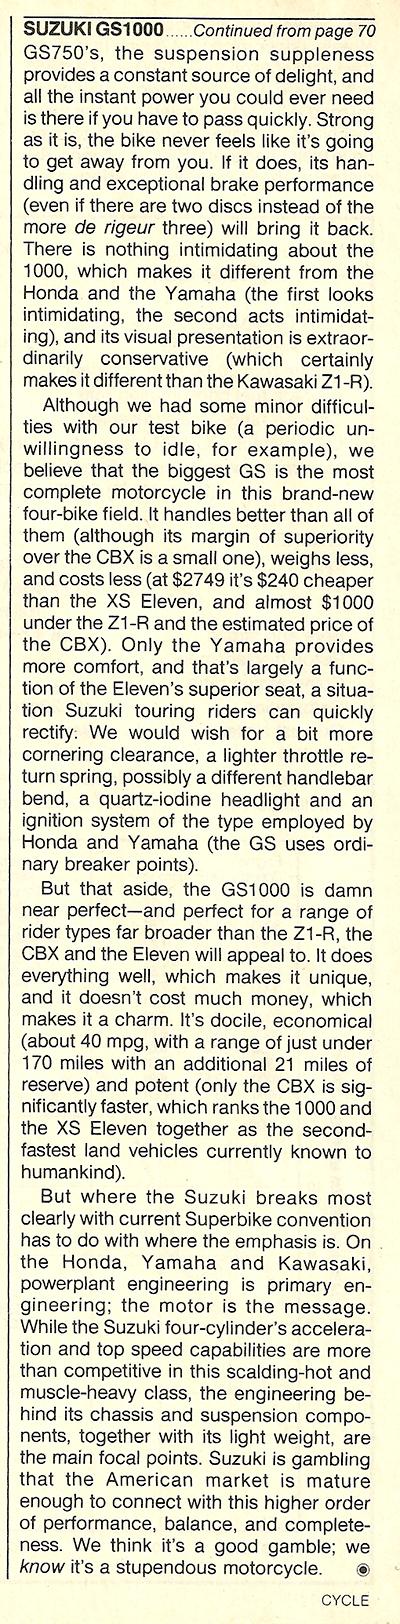 1978 Suzuki GS1000 road test 10.jpg